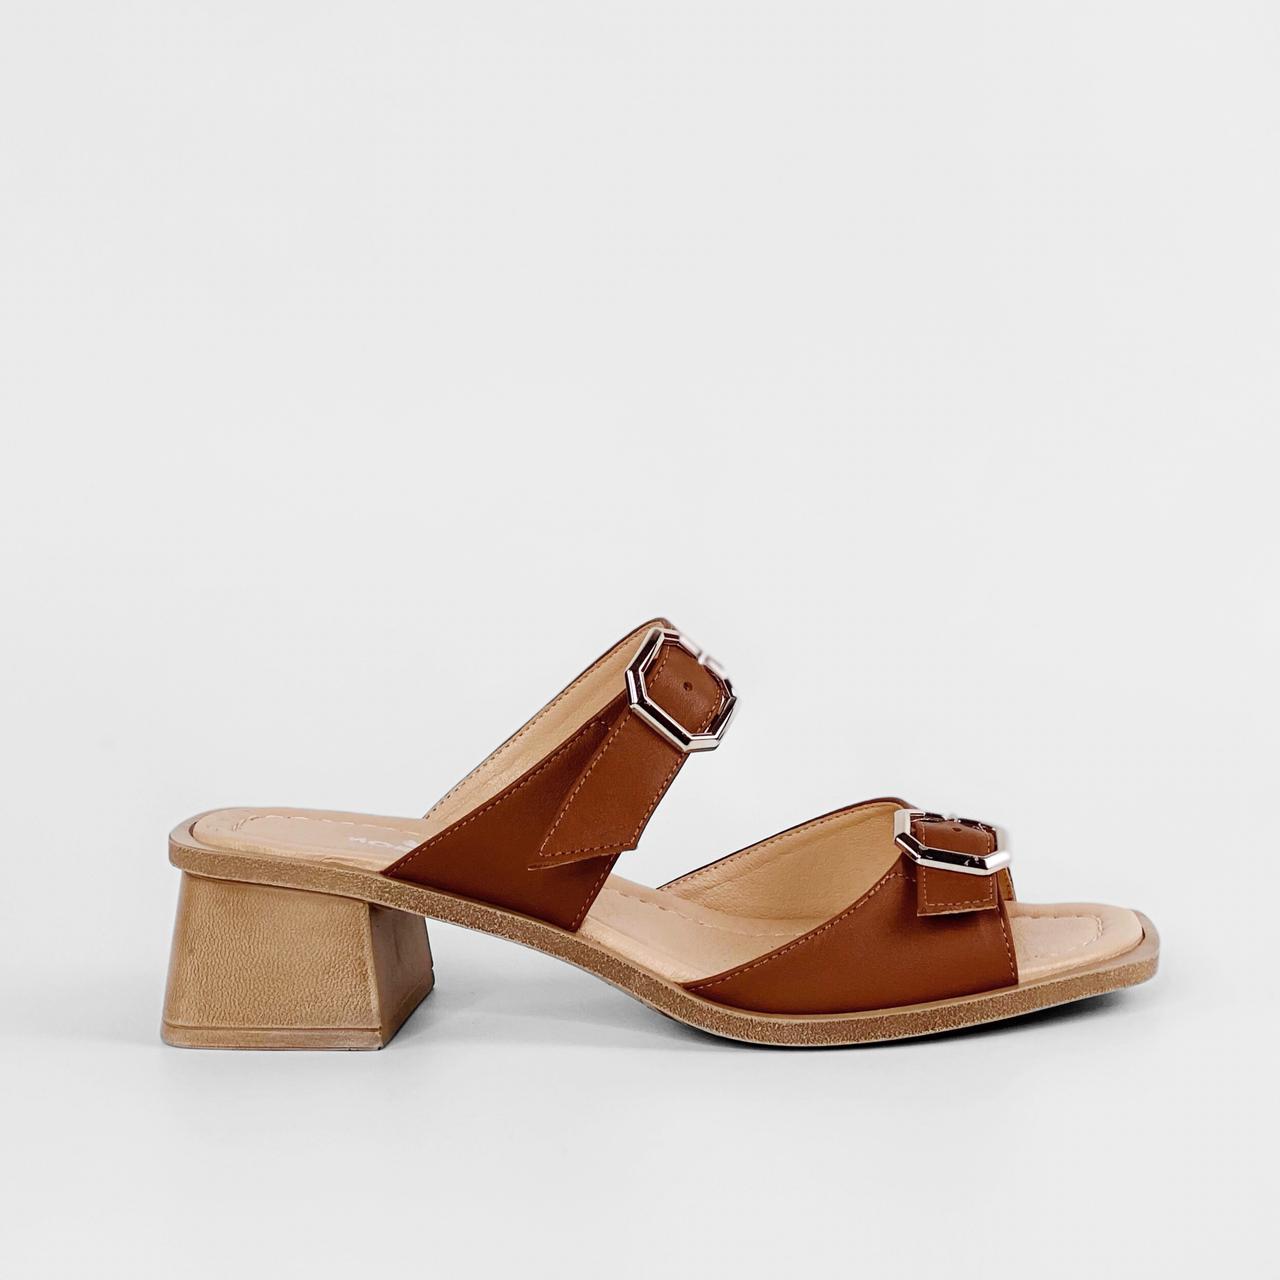 Сабо женские кожаные коричневые на каблуке с пряжками MORENTO